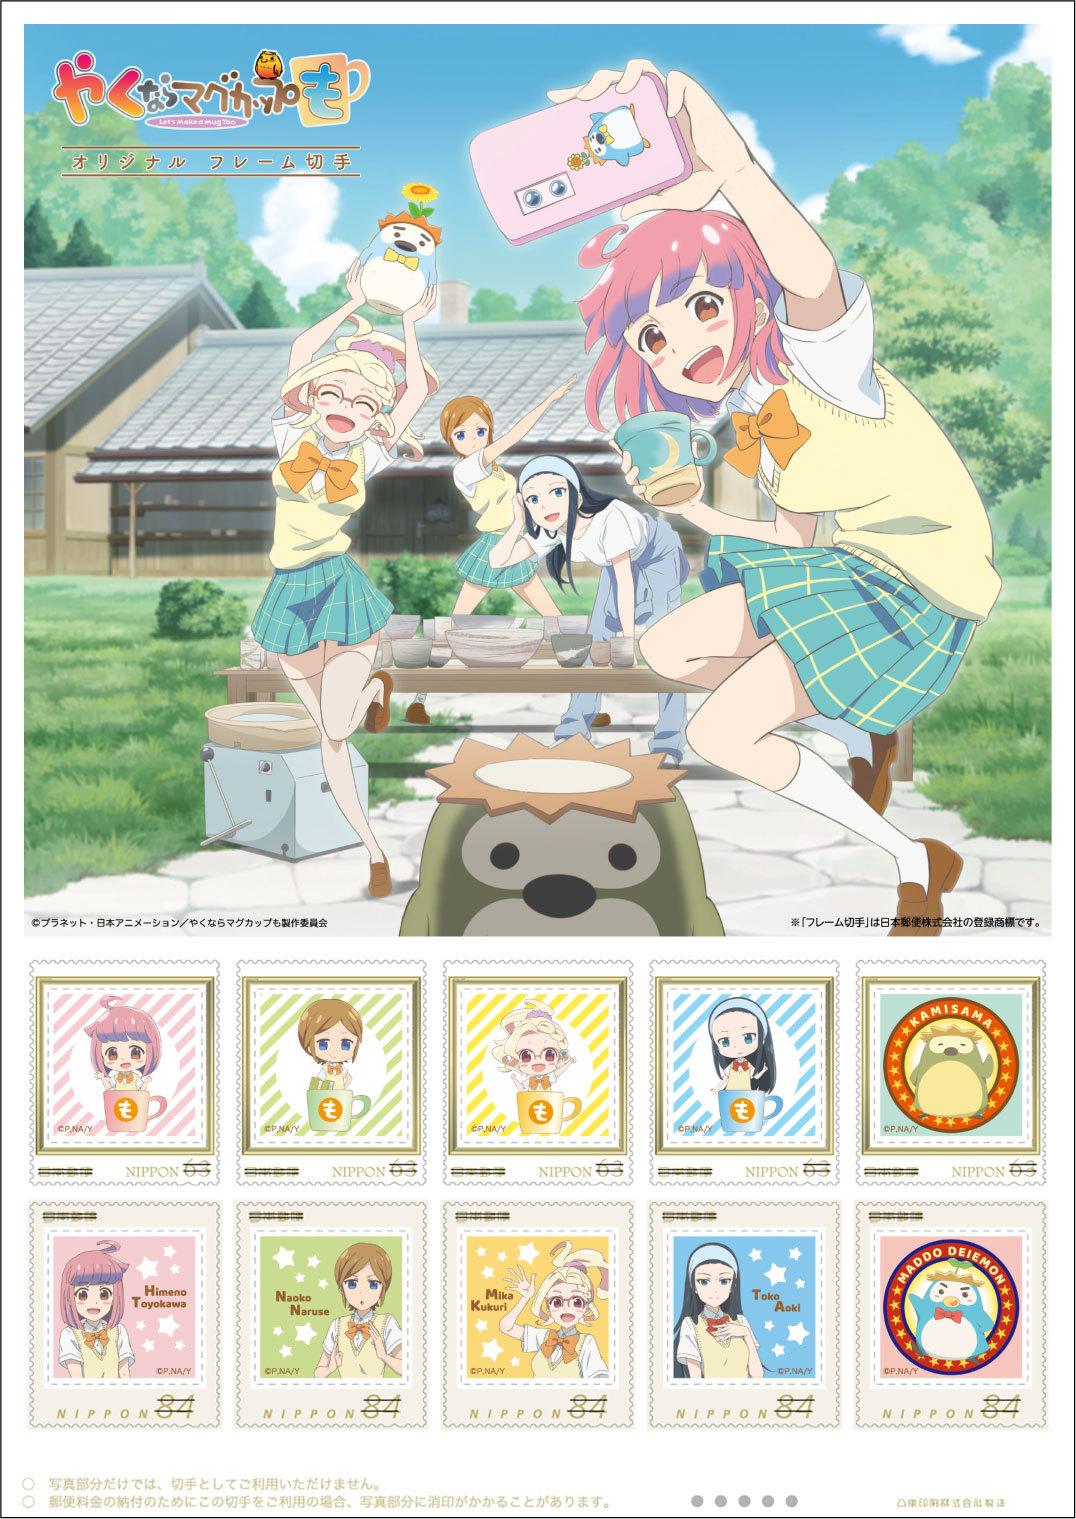 切手セット (c) プラネット・日本アニメーション/やくならマグカップも製作委員会